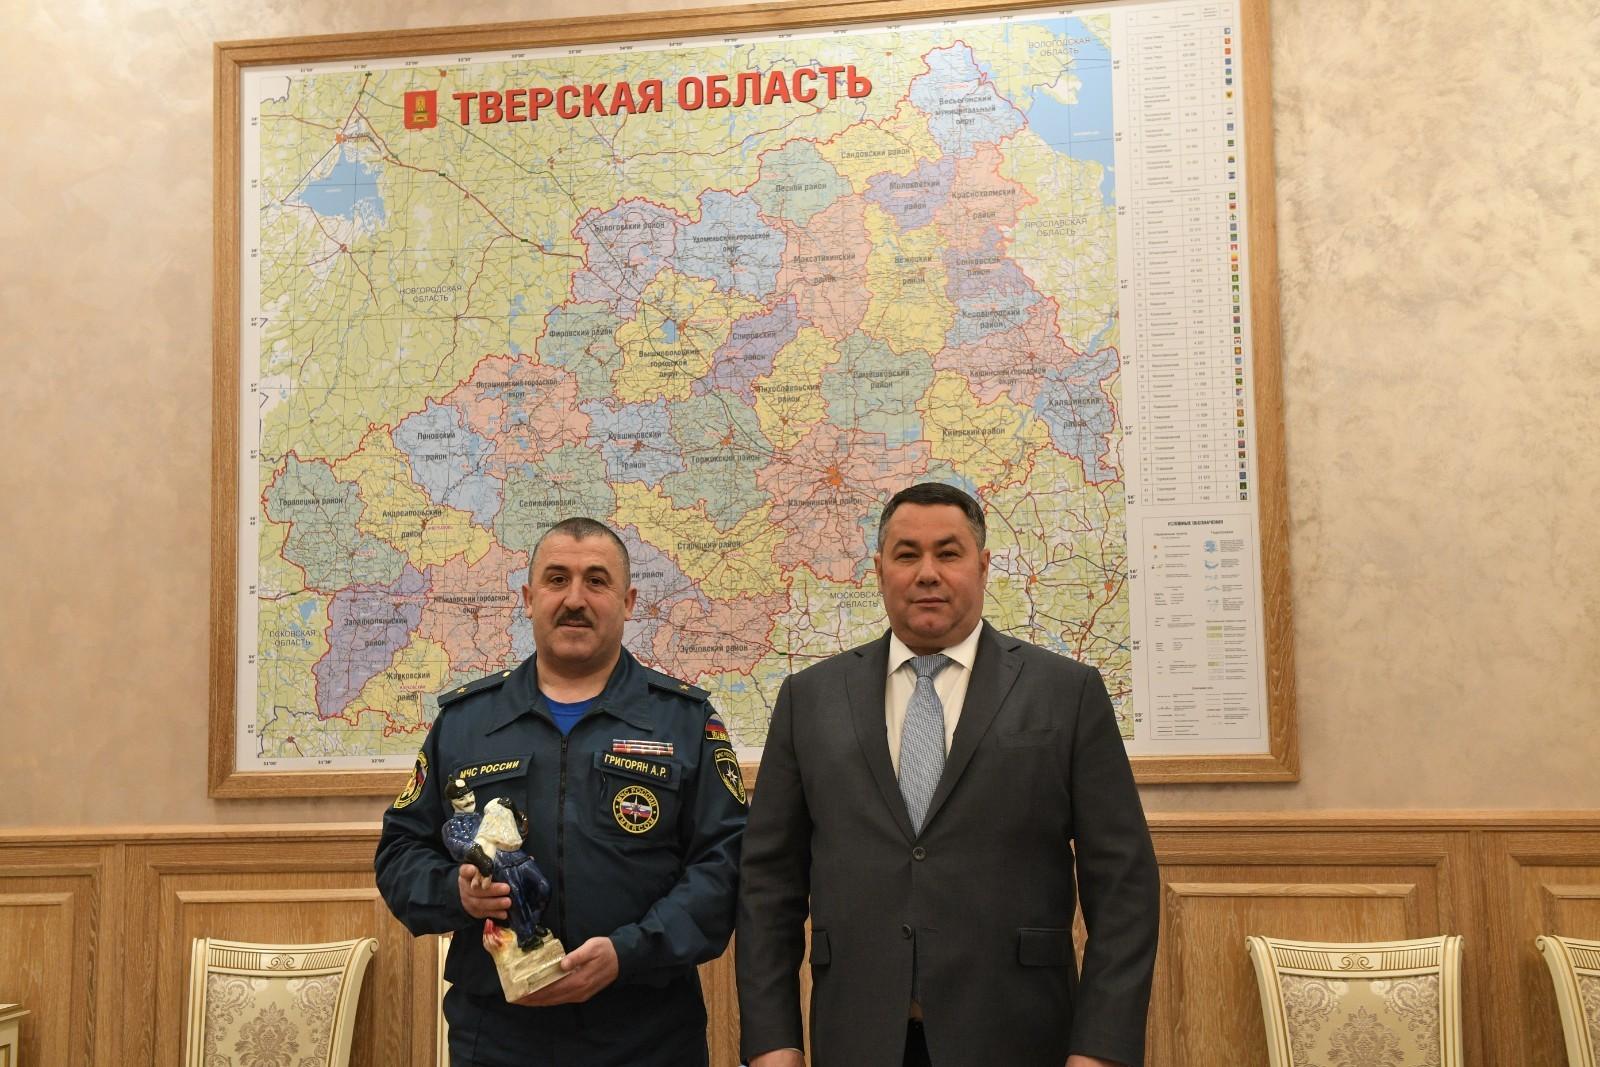 Игорь Руденя поздравил начальника ГУ МЧС Арсена Григоряна с 15-летием ведомства